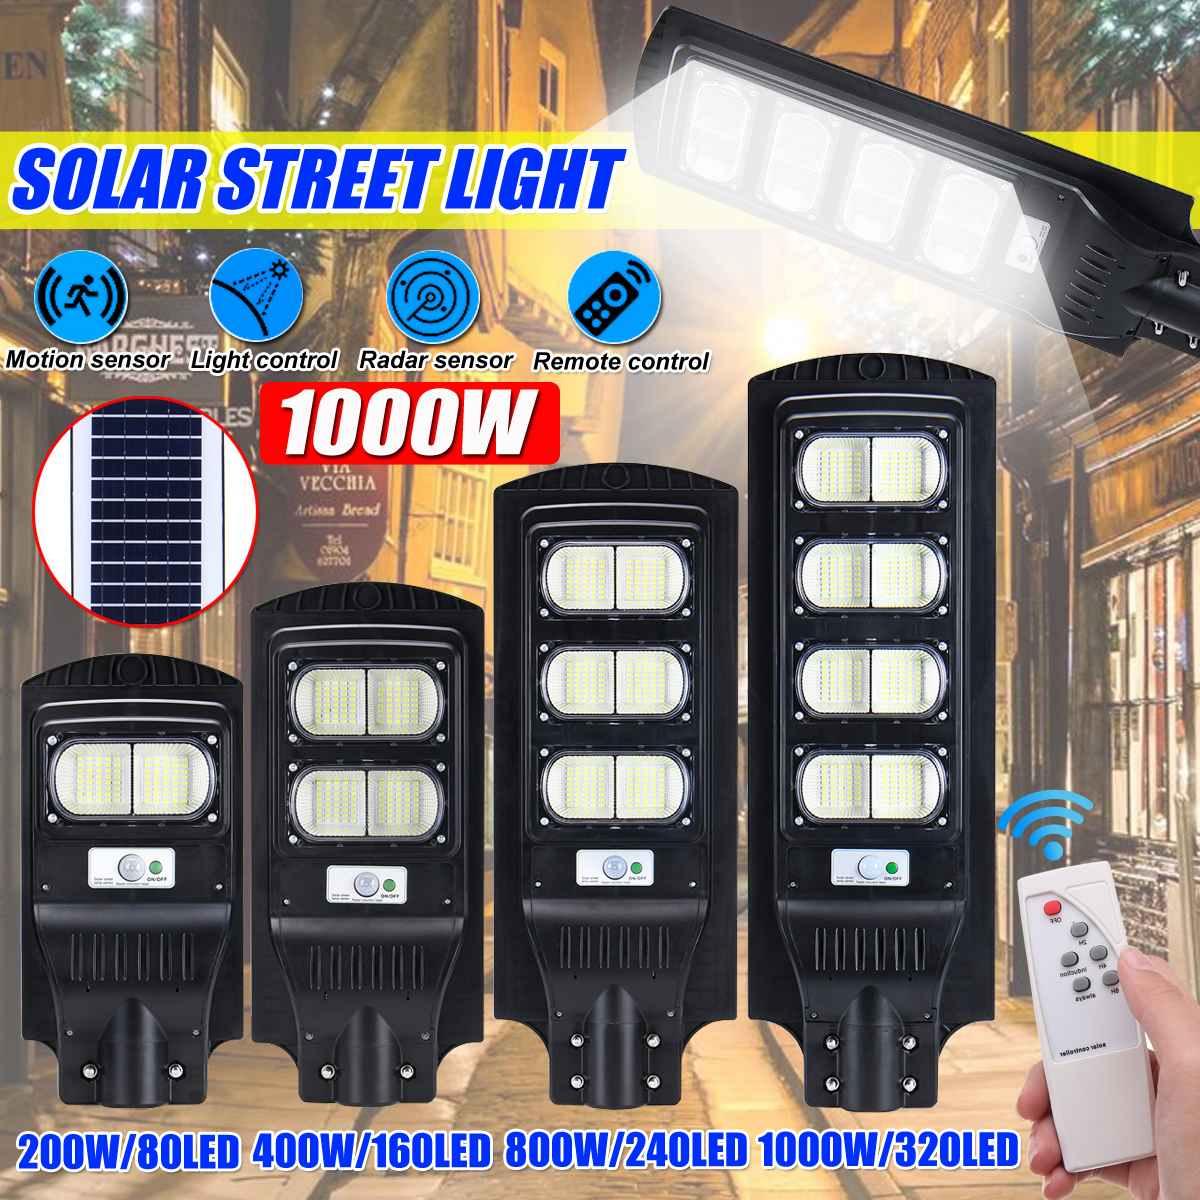 Polycrystalline Solar Wall Light Infrared Motion Sensor Led Street Light 200/300/400/800W Outdoor Lighting Garden Lamp Led Light